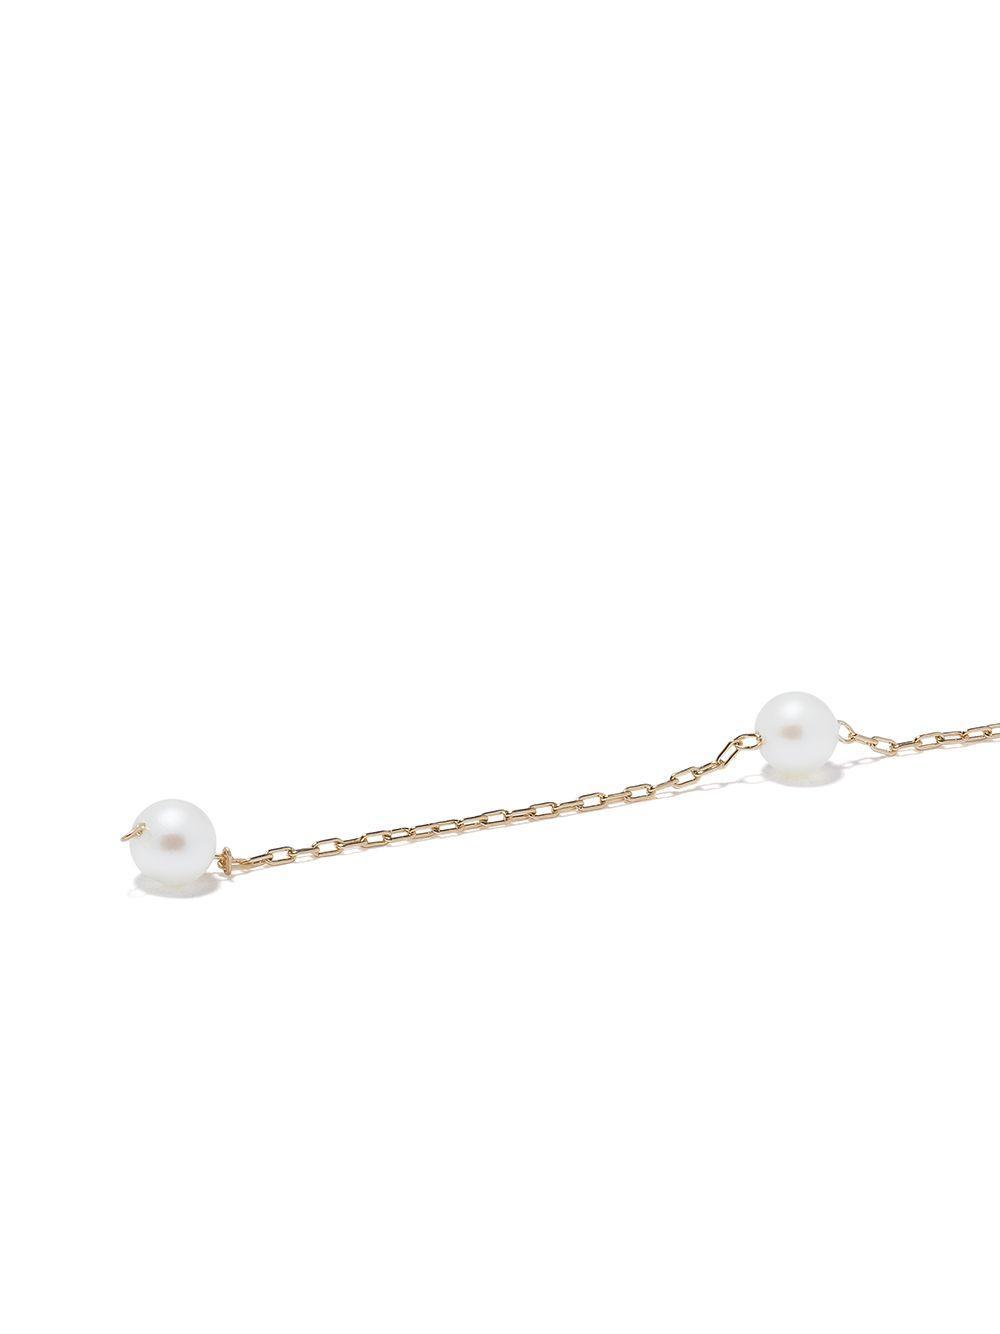 Orecchini in oro 14kt con perle Akoya di Mizuki in Metallizzato